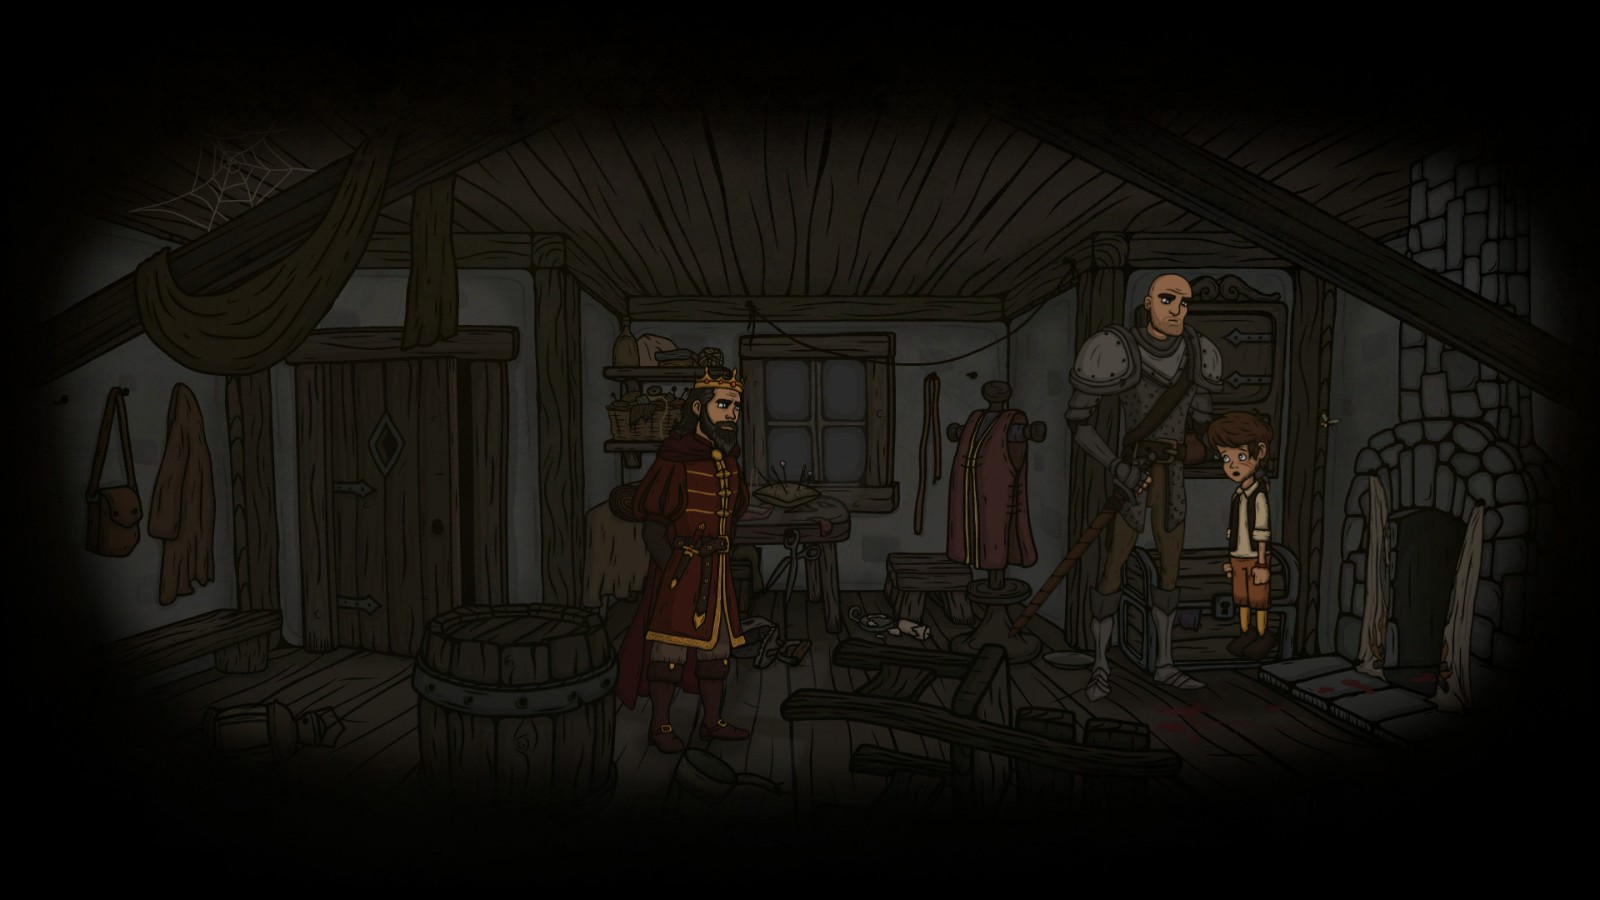 《惊悚故事2》现已上架Steam 7月发售、暂无中文